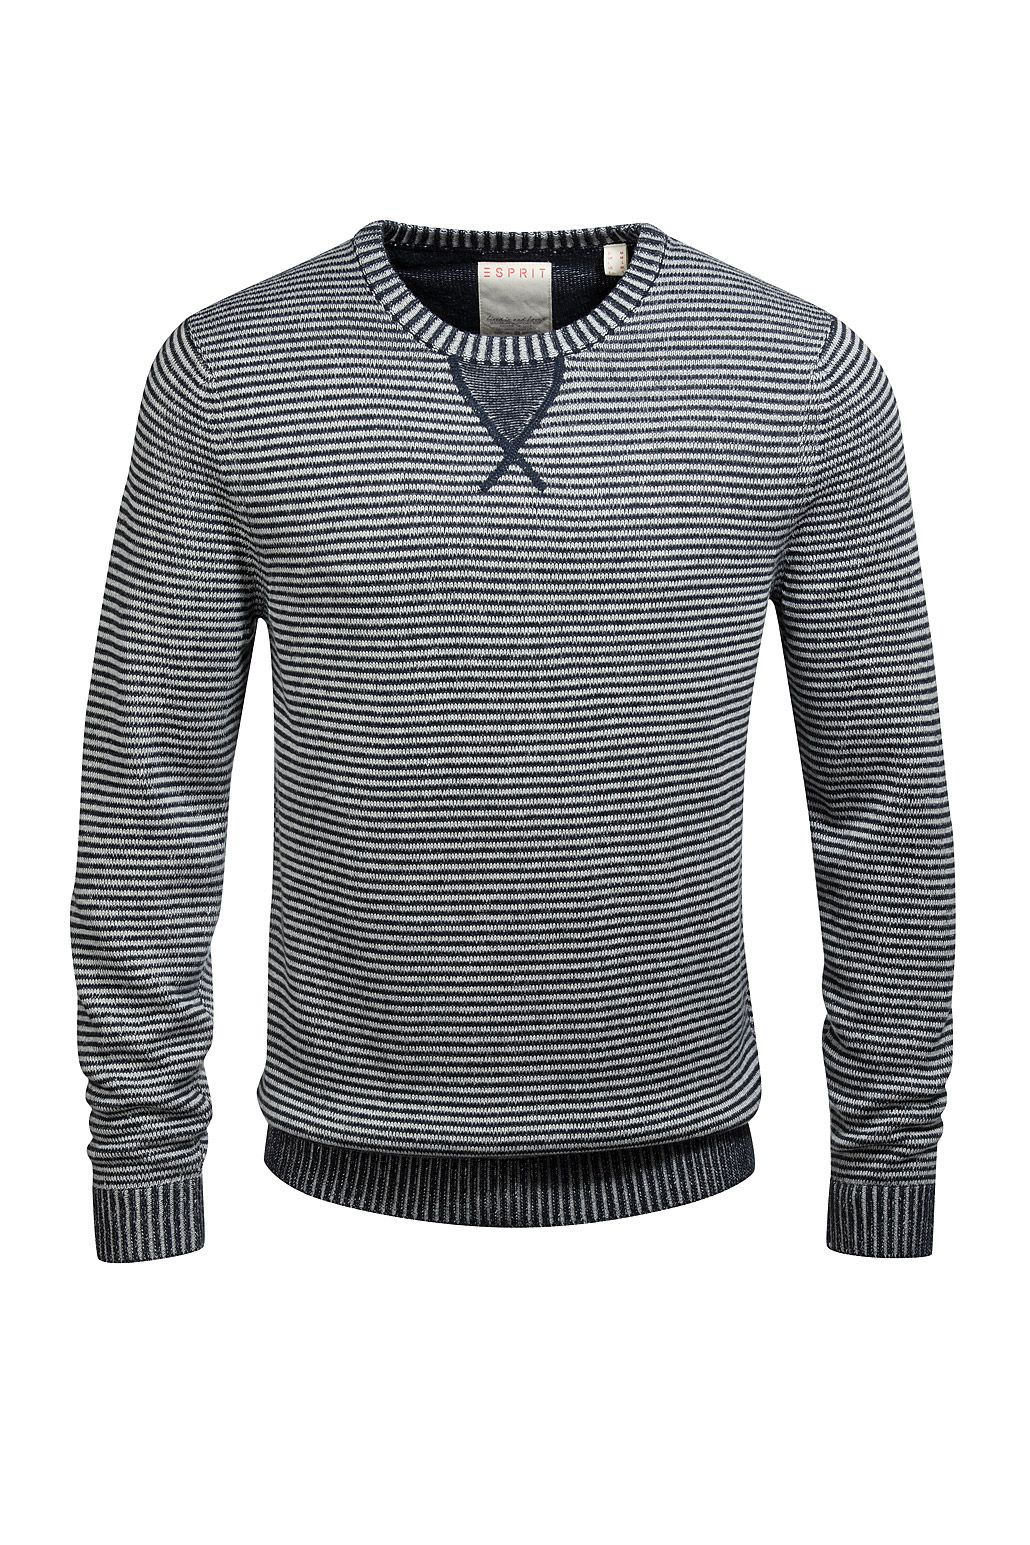 Kleidung online kaufen manner